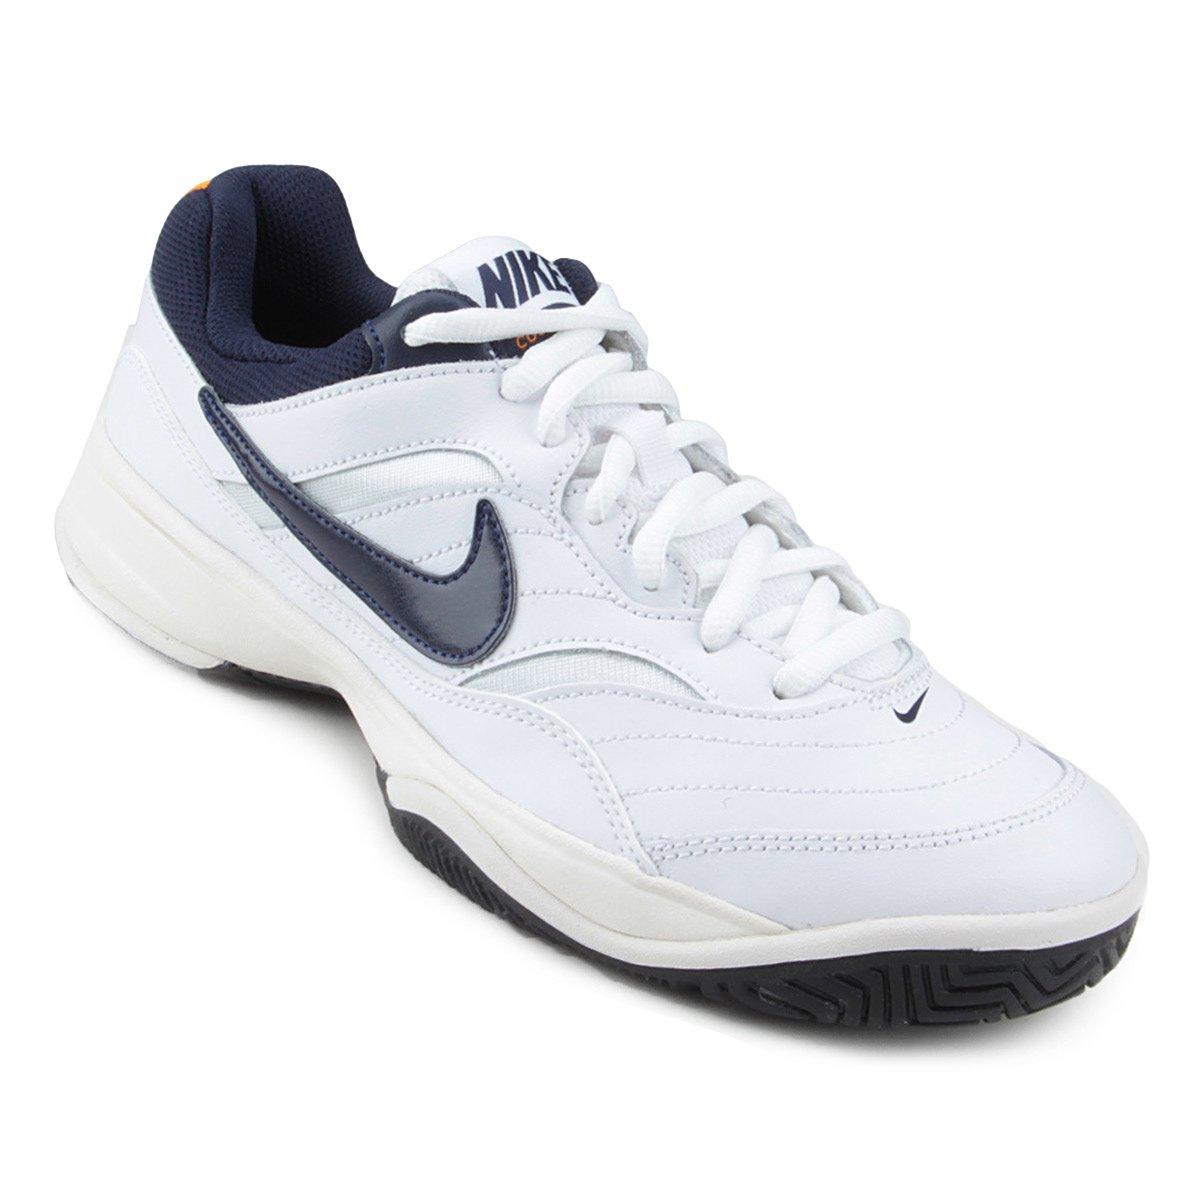 979e894b19 Tênis Nike Court Lite Masculino - Branco e Marinho - Compre Agora ...